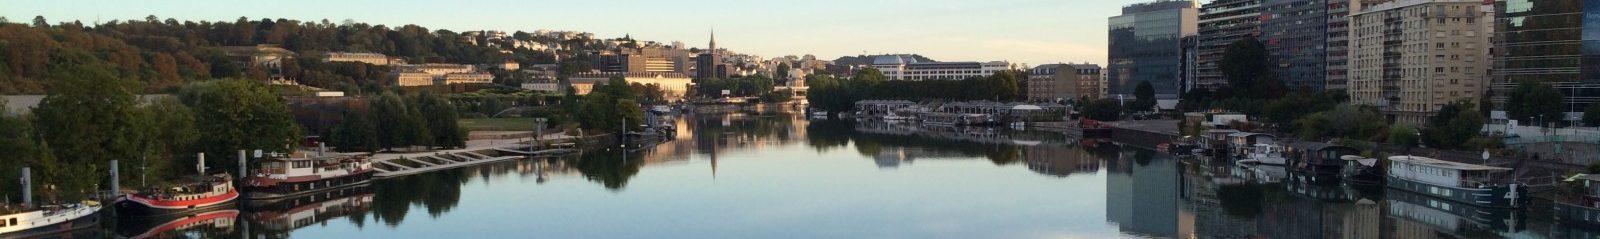 セーヌ川の眺め